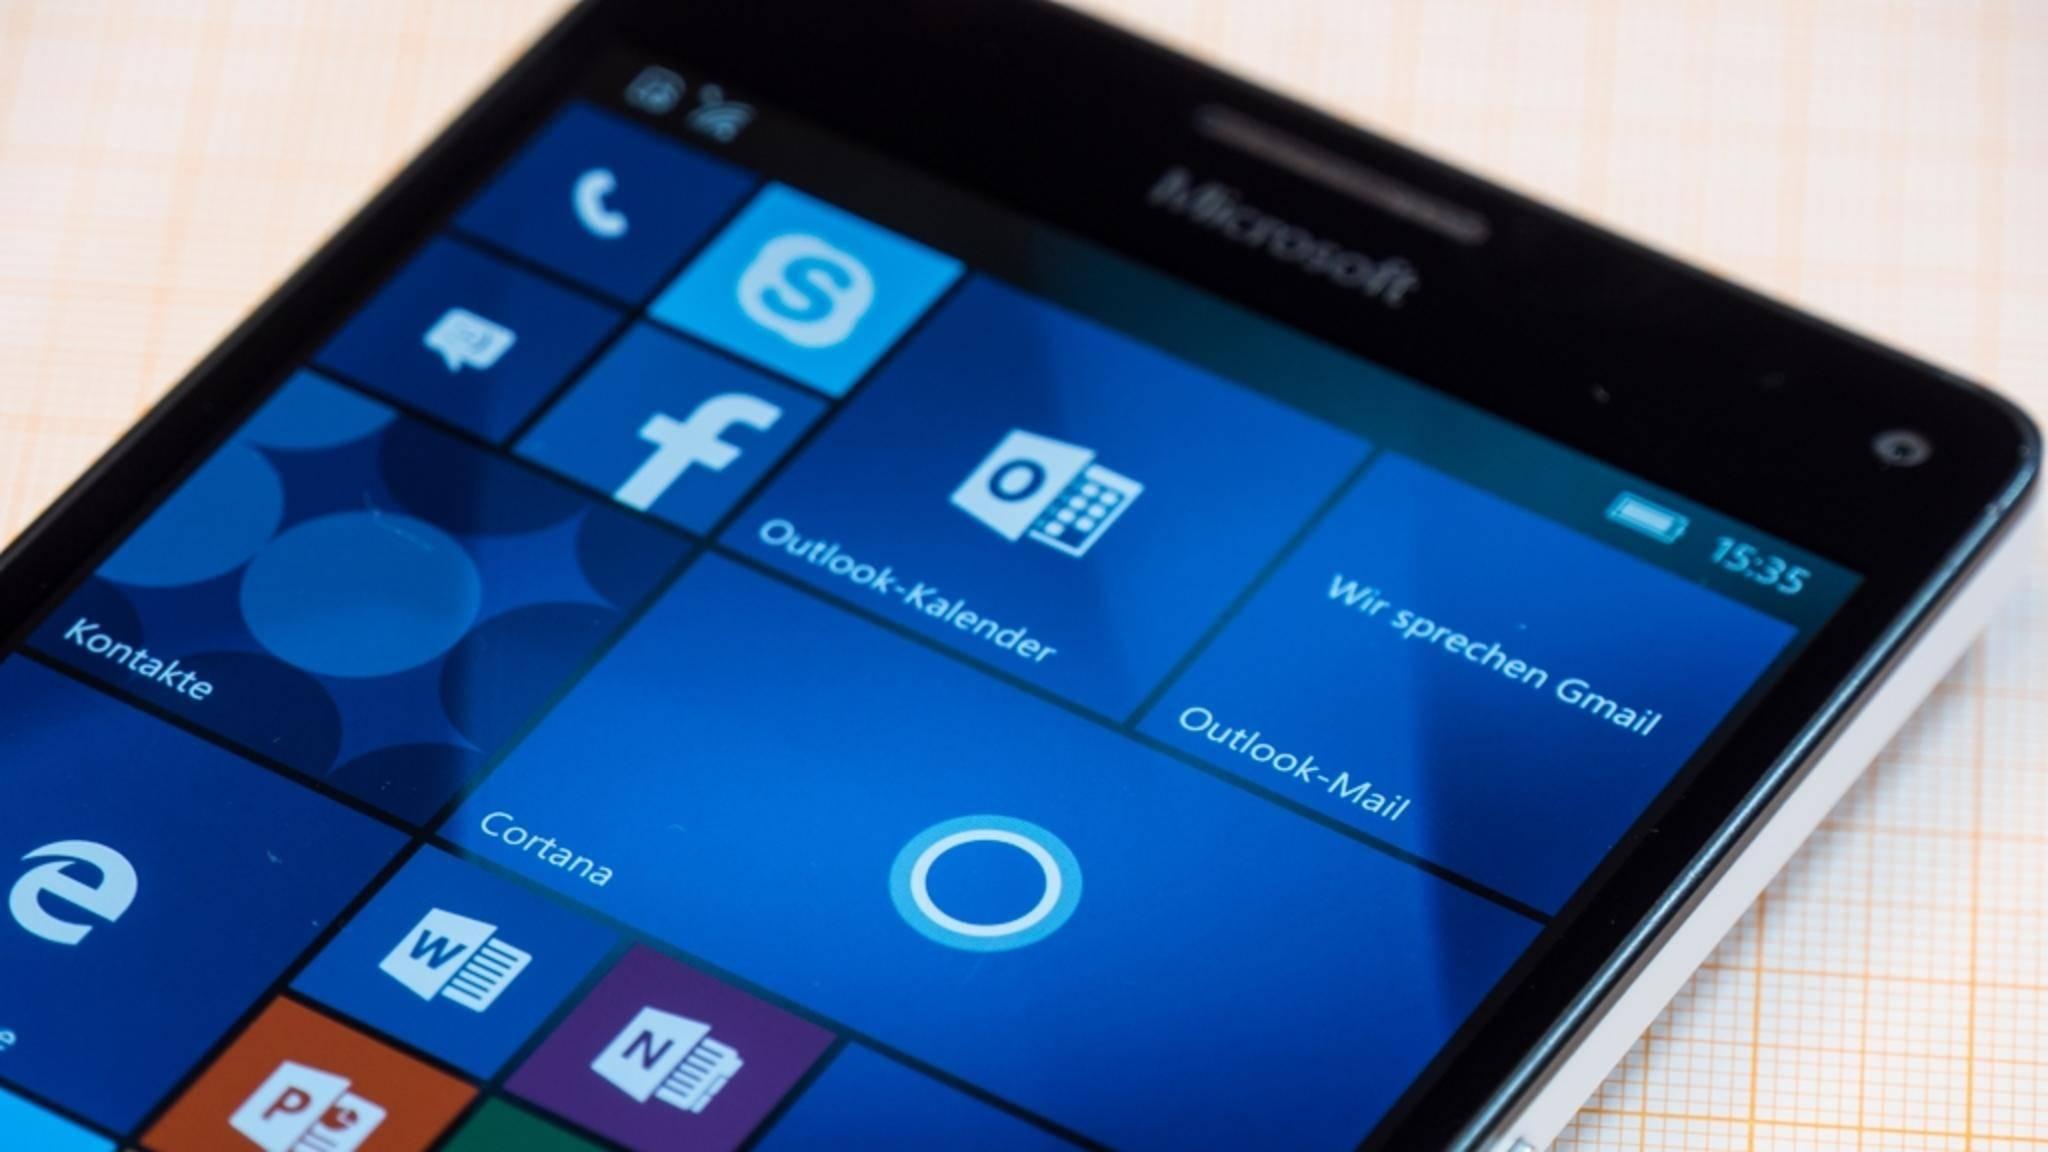 Beim Umstieg von Windows Phone auf Android dürfen natürlich die Kontakte nicht vergessen werden.